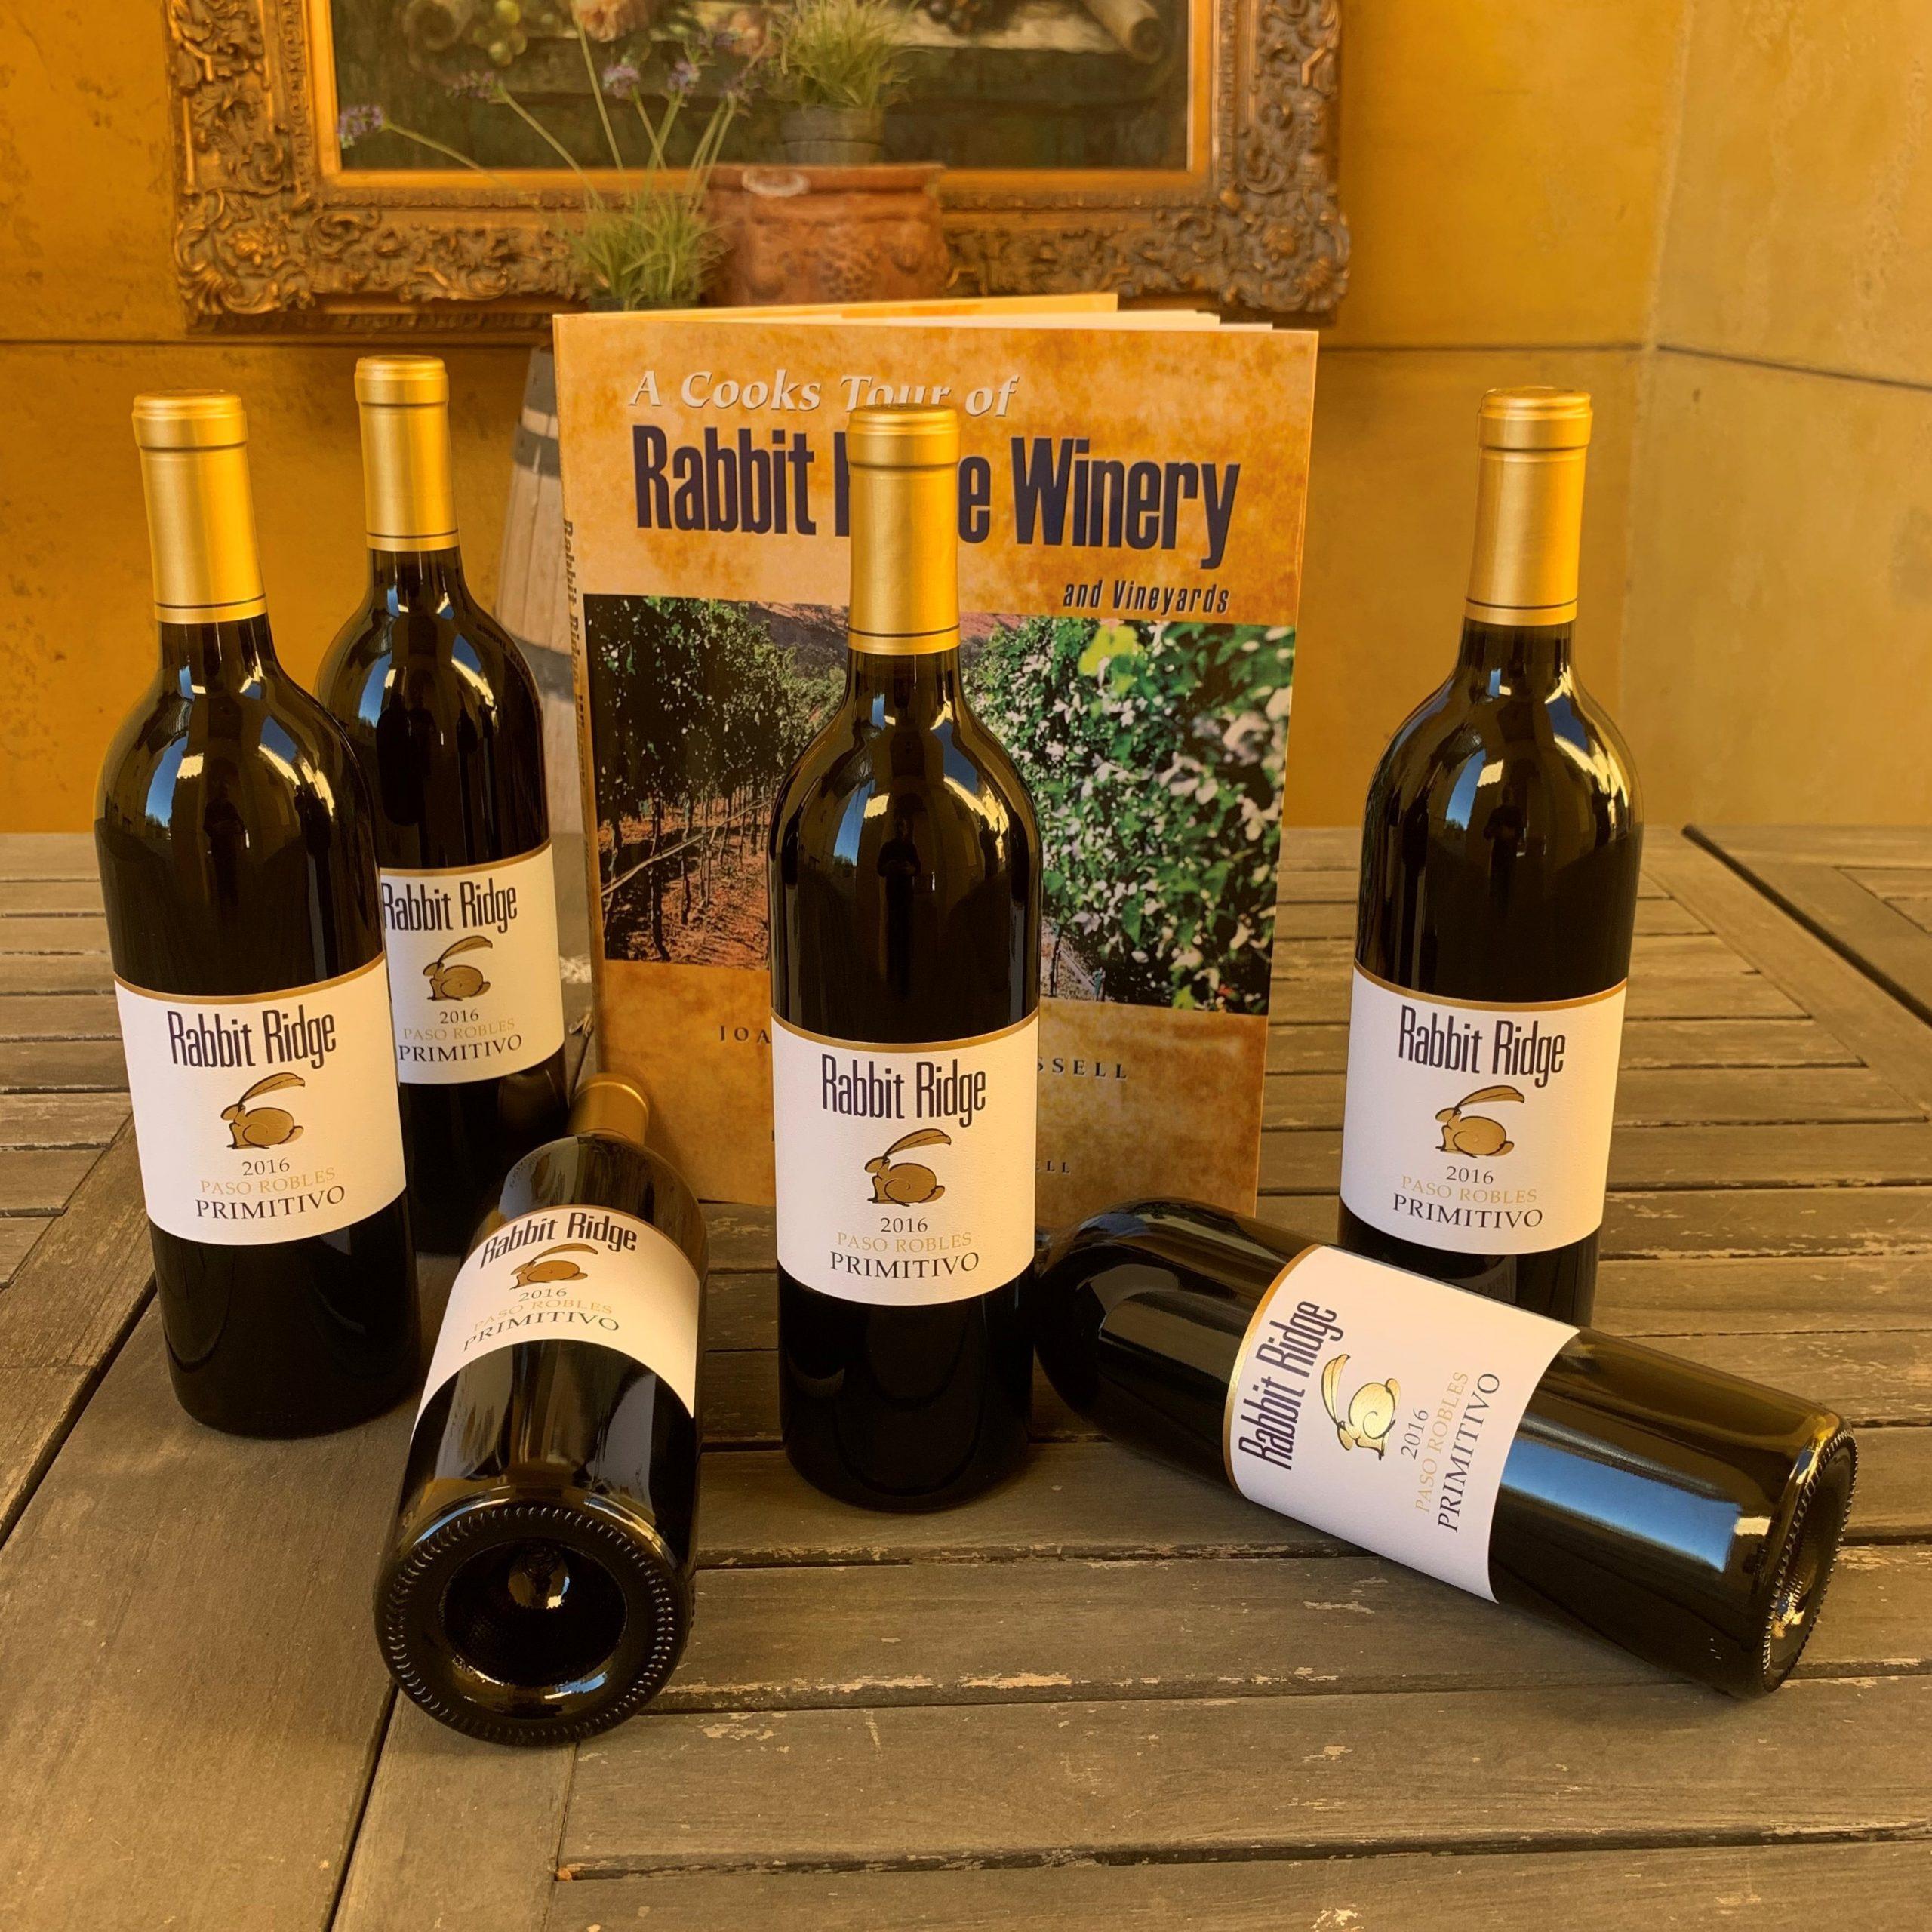 Rabbit Ridge Wines